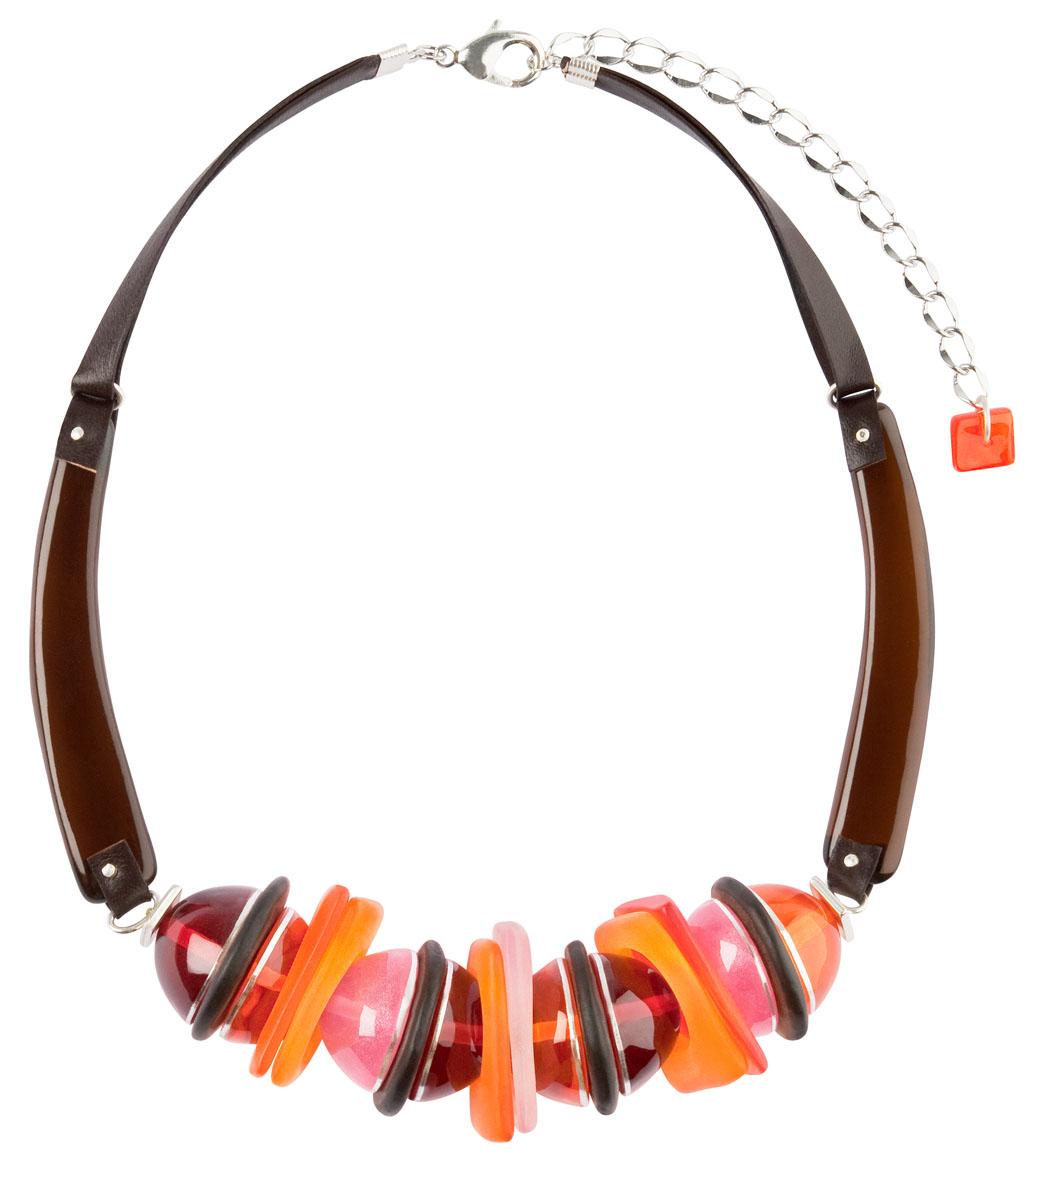 Ожерелье Lalo Treasures, цвет: мульти. N1526/2N1526/2Ожерелье Lalo Treasures выполнено из ювелирной смолы и искусственной кожи и украшен декоративными элементами, которое закрывается на небольшой карабин. Ожерелье упаковано в мешочек из текстиля. Такое ожерелье позволят вам с легкостью воплотить самую смелую фантазию и создать собственный, неповторимый образ.